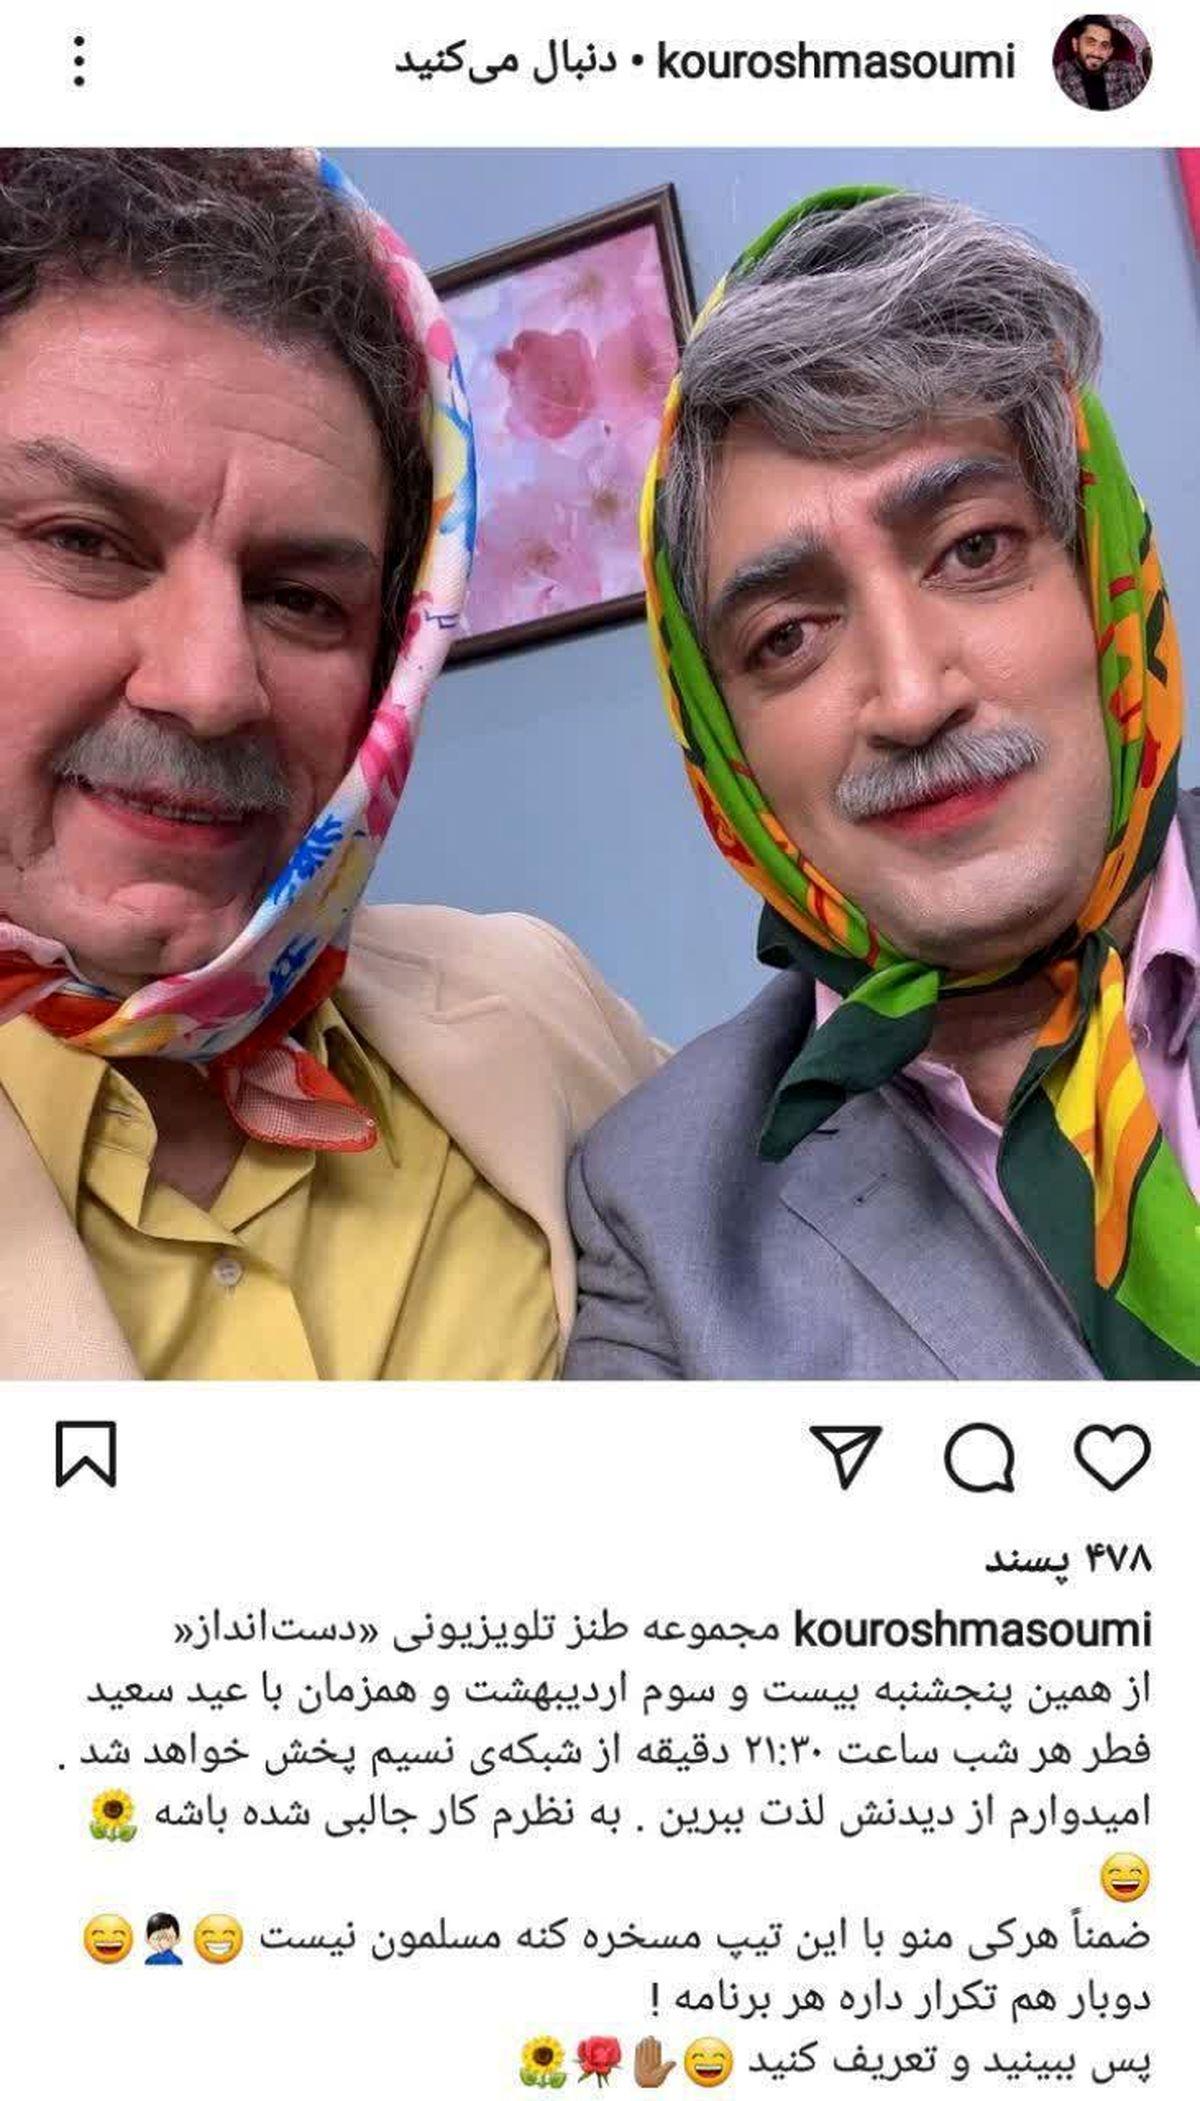 گریم عجیب و زنانه دو بازیگر در «خنده بازار» +عکس